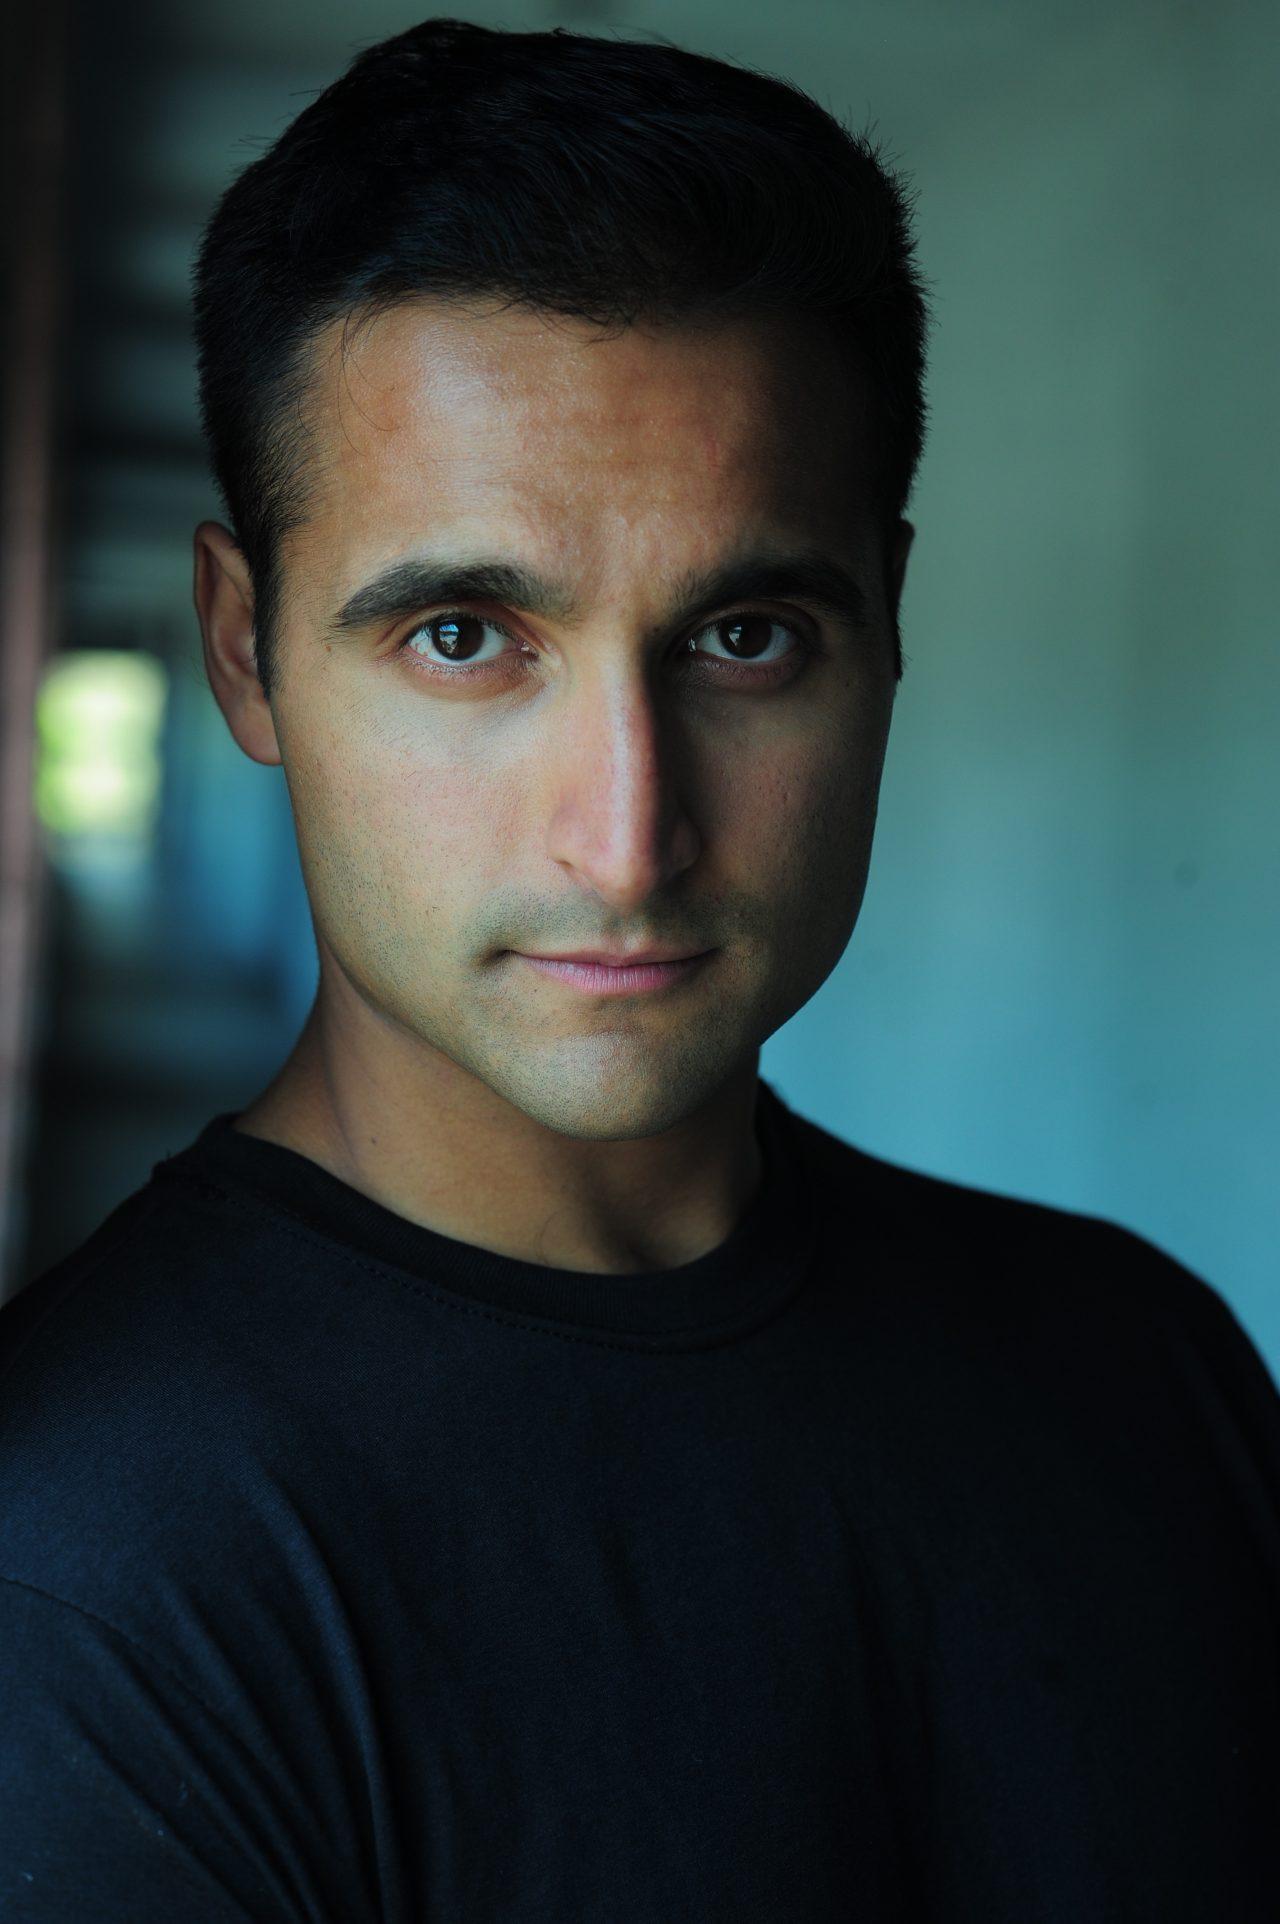 Headshot 1 – Rahul Rai